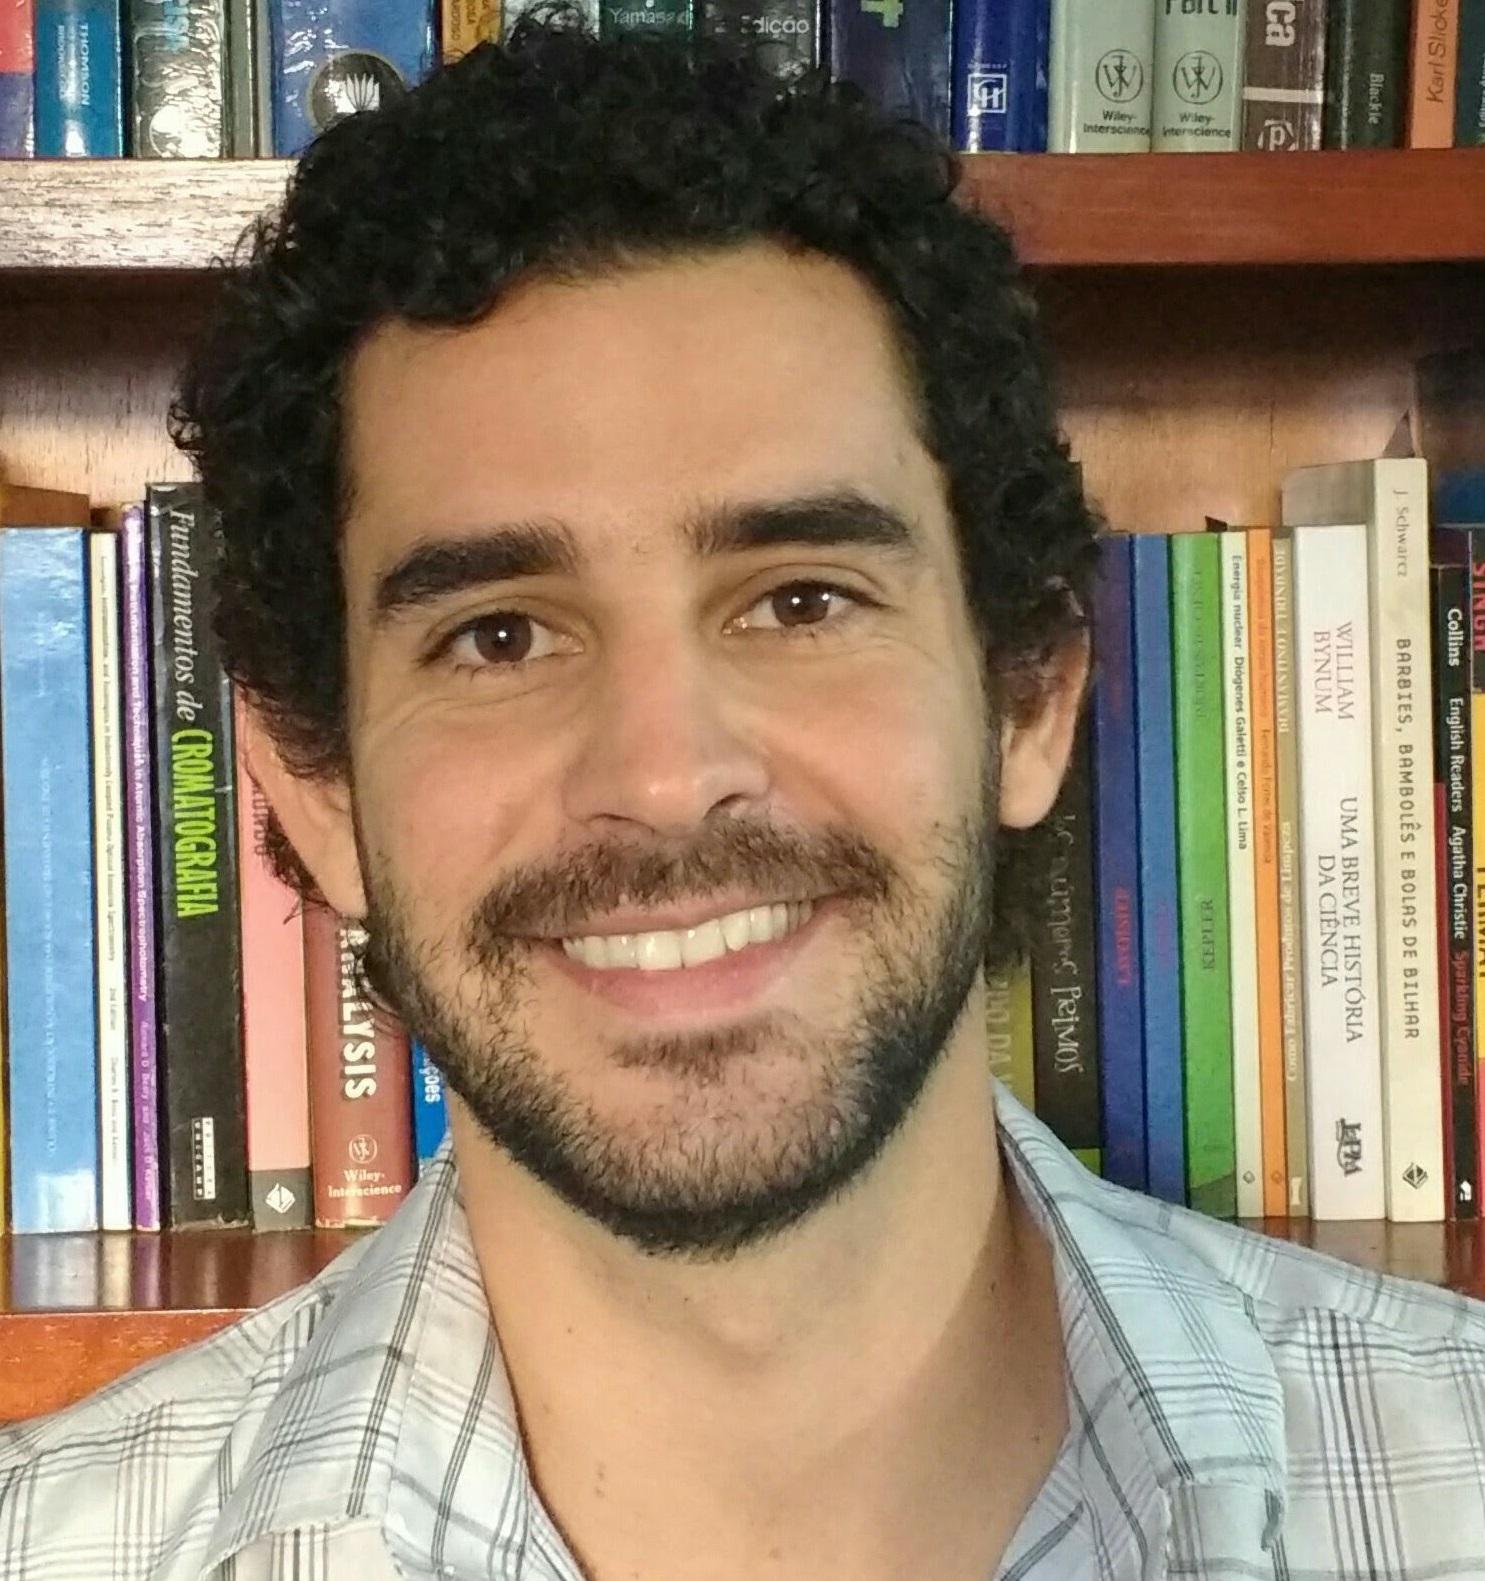 Daniel Araujo Ferreira